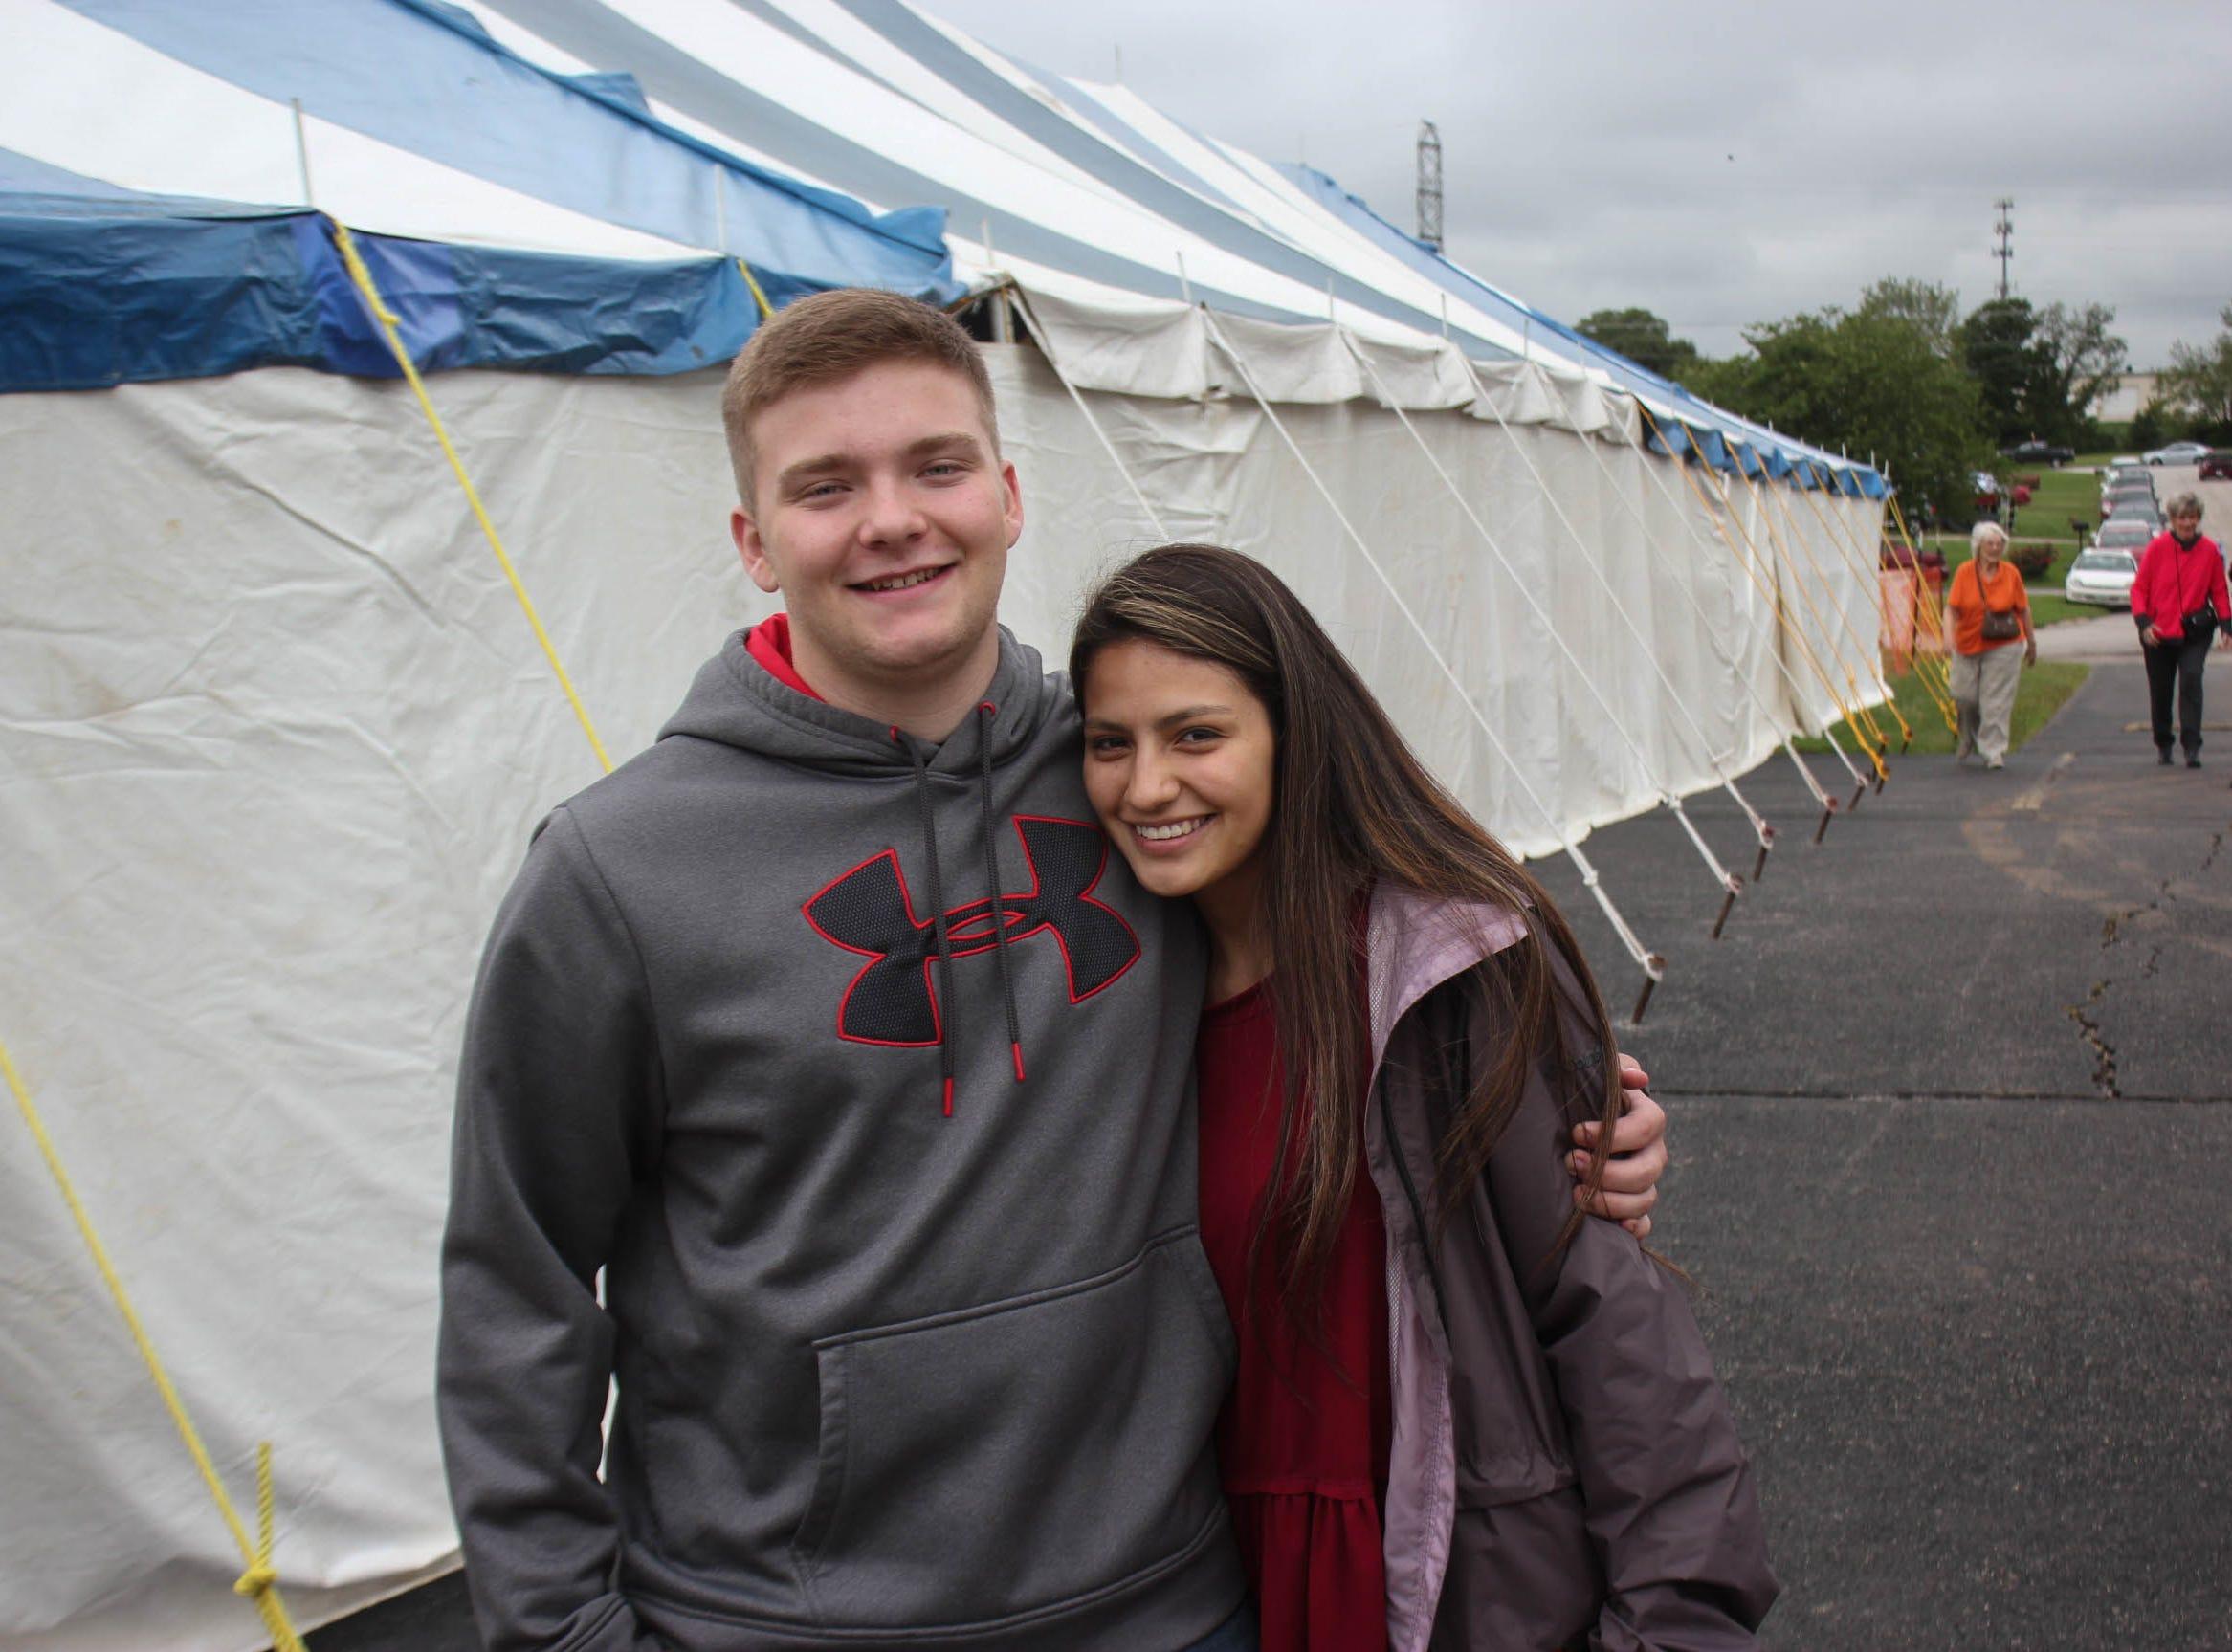 Hayden James and Ana Tores